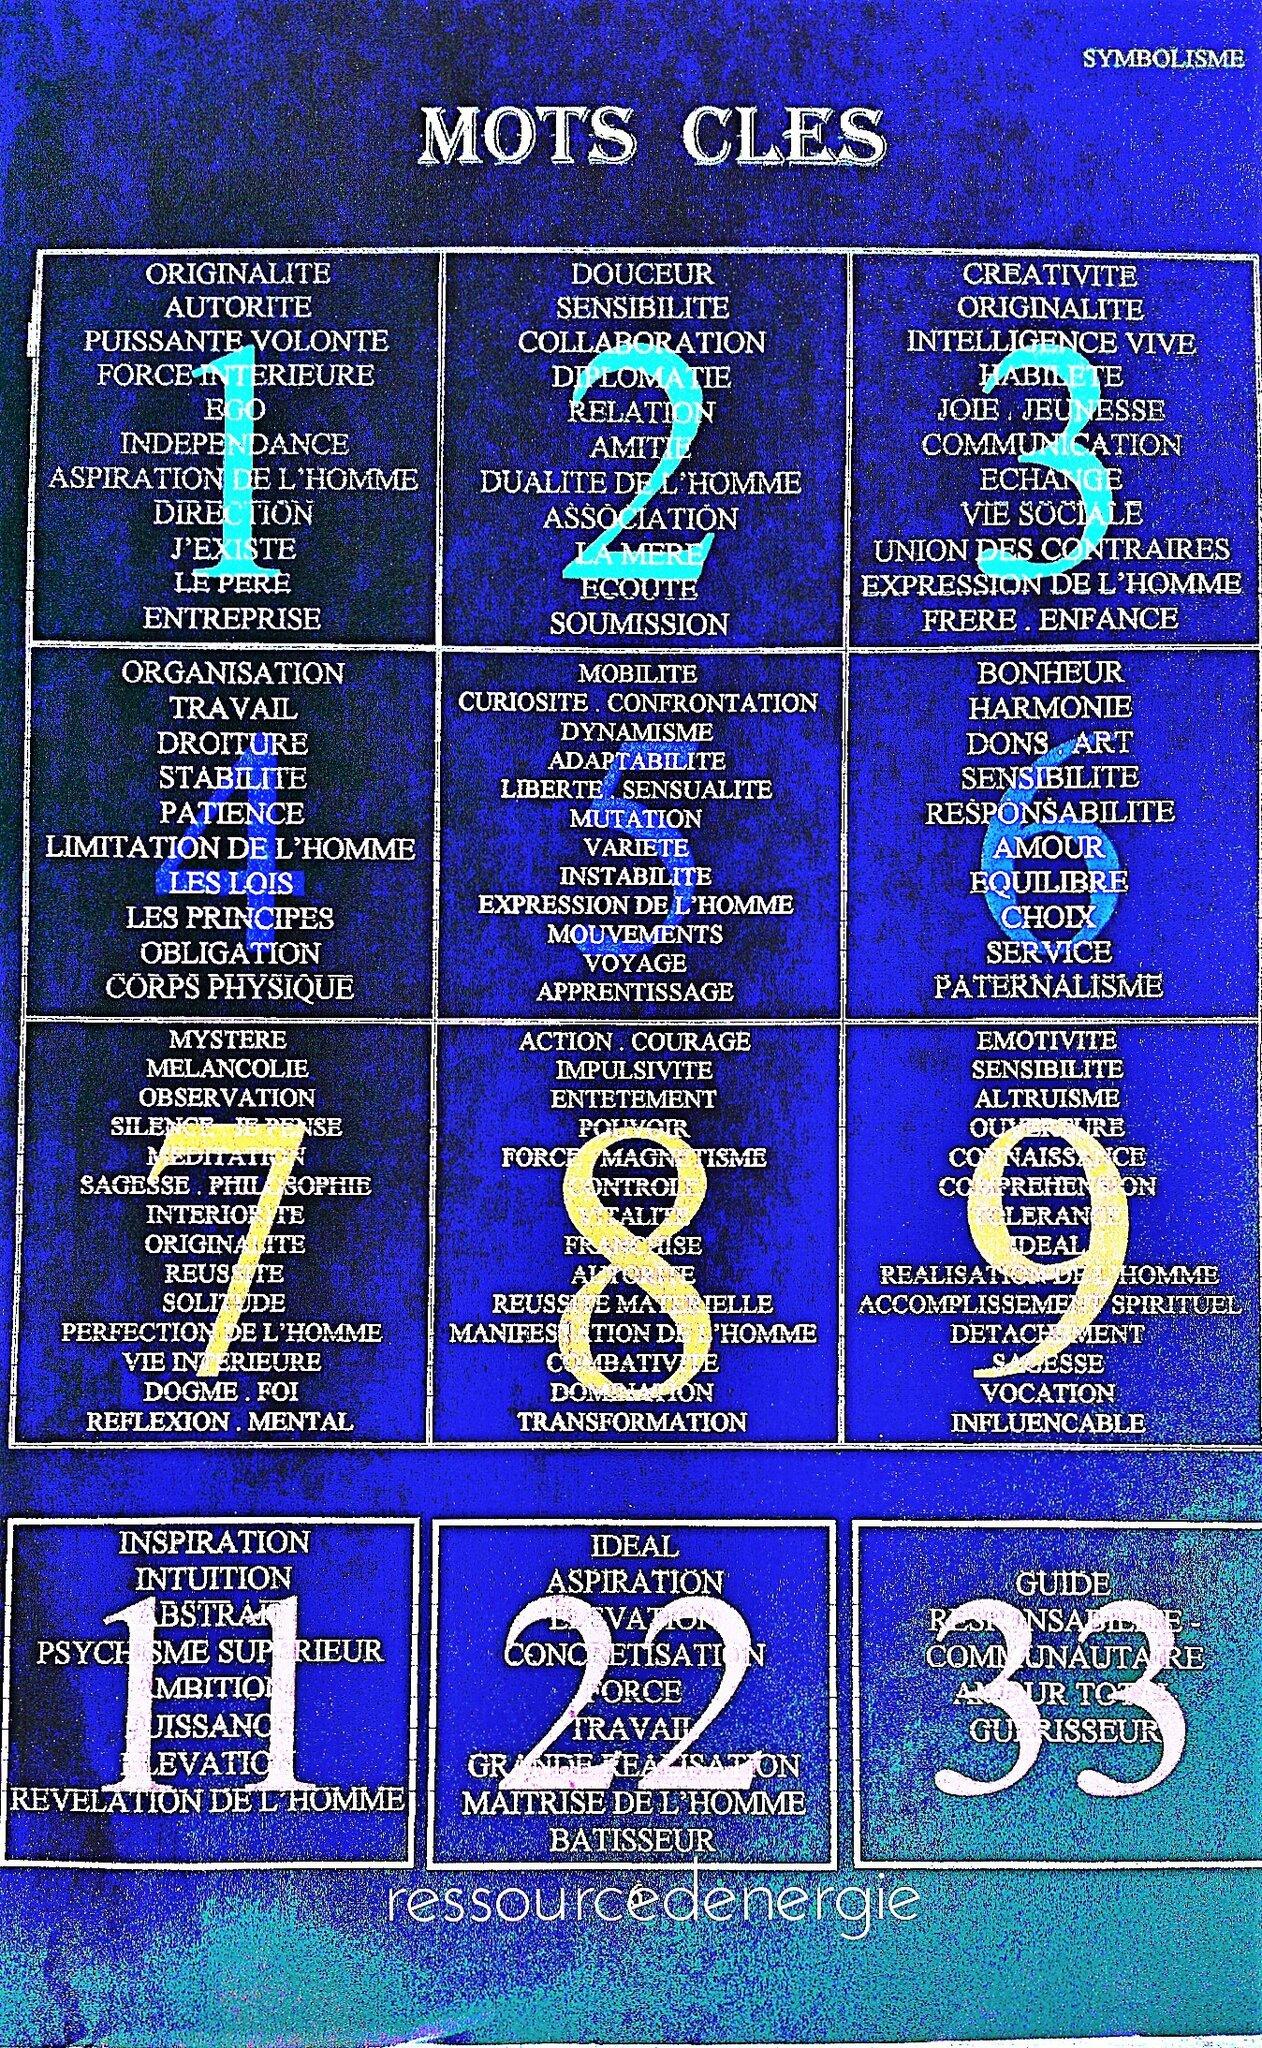 tableau des mots clés pour chaque vibration-nombre